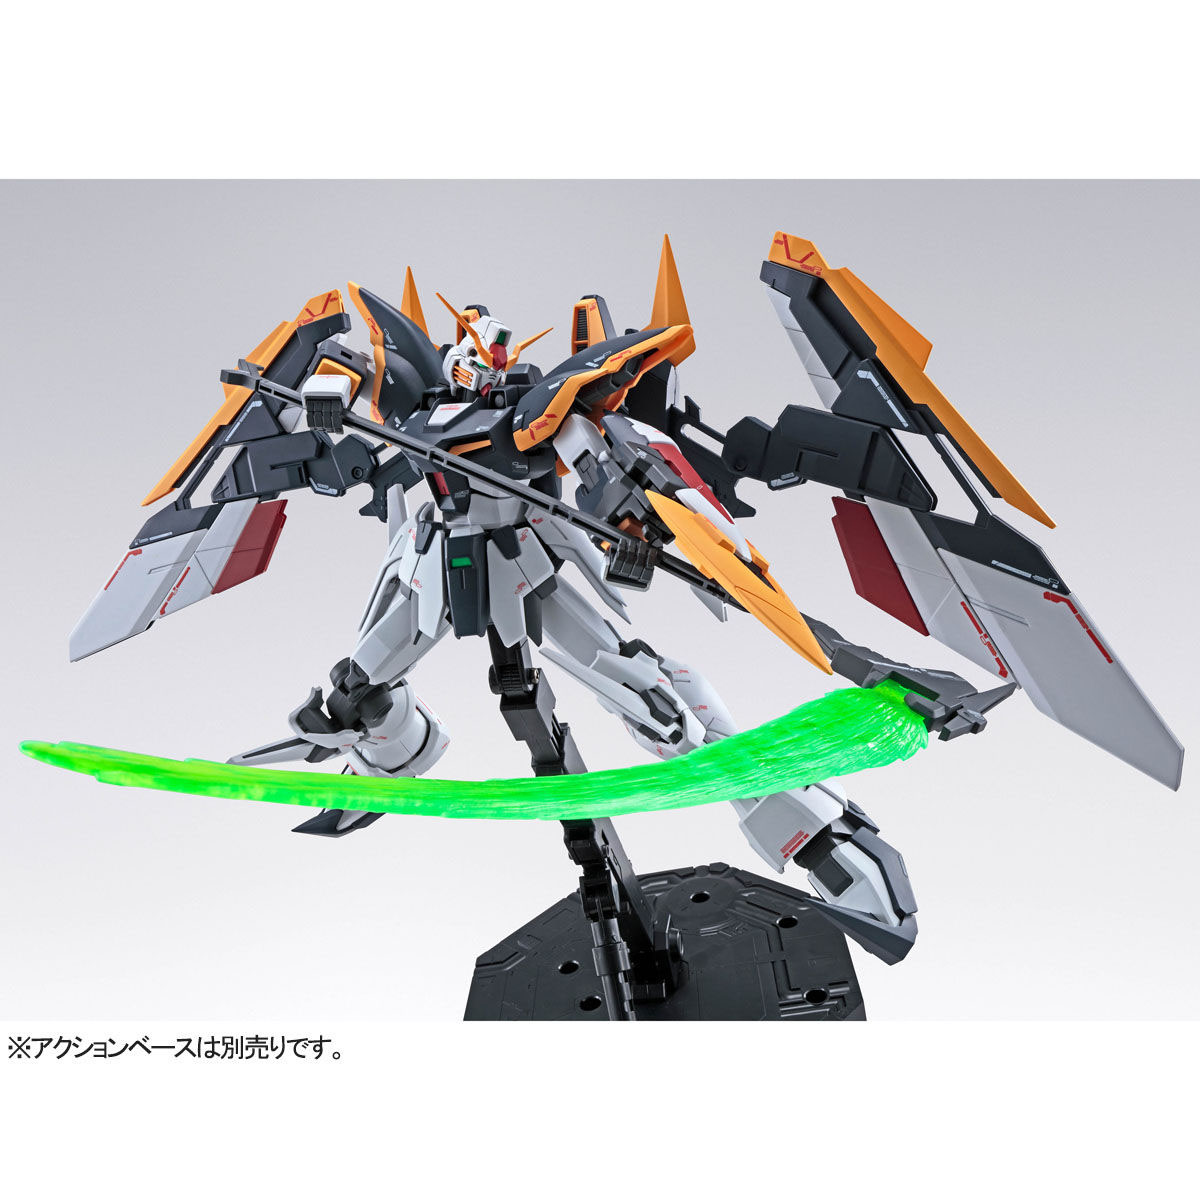 【限定販売】MG 1/100『ガンダムデスサイズ EW(ルーセット装備)』ガンダムW プラモデル-005